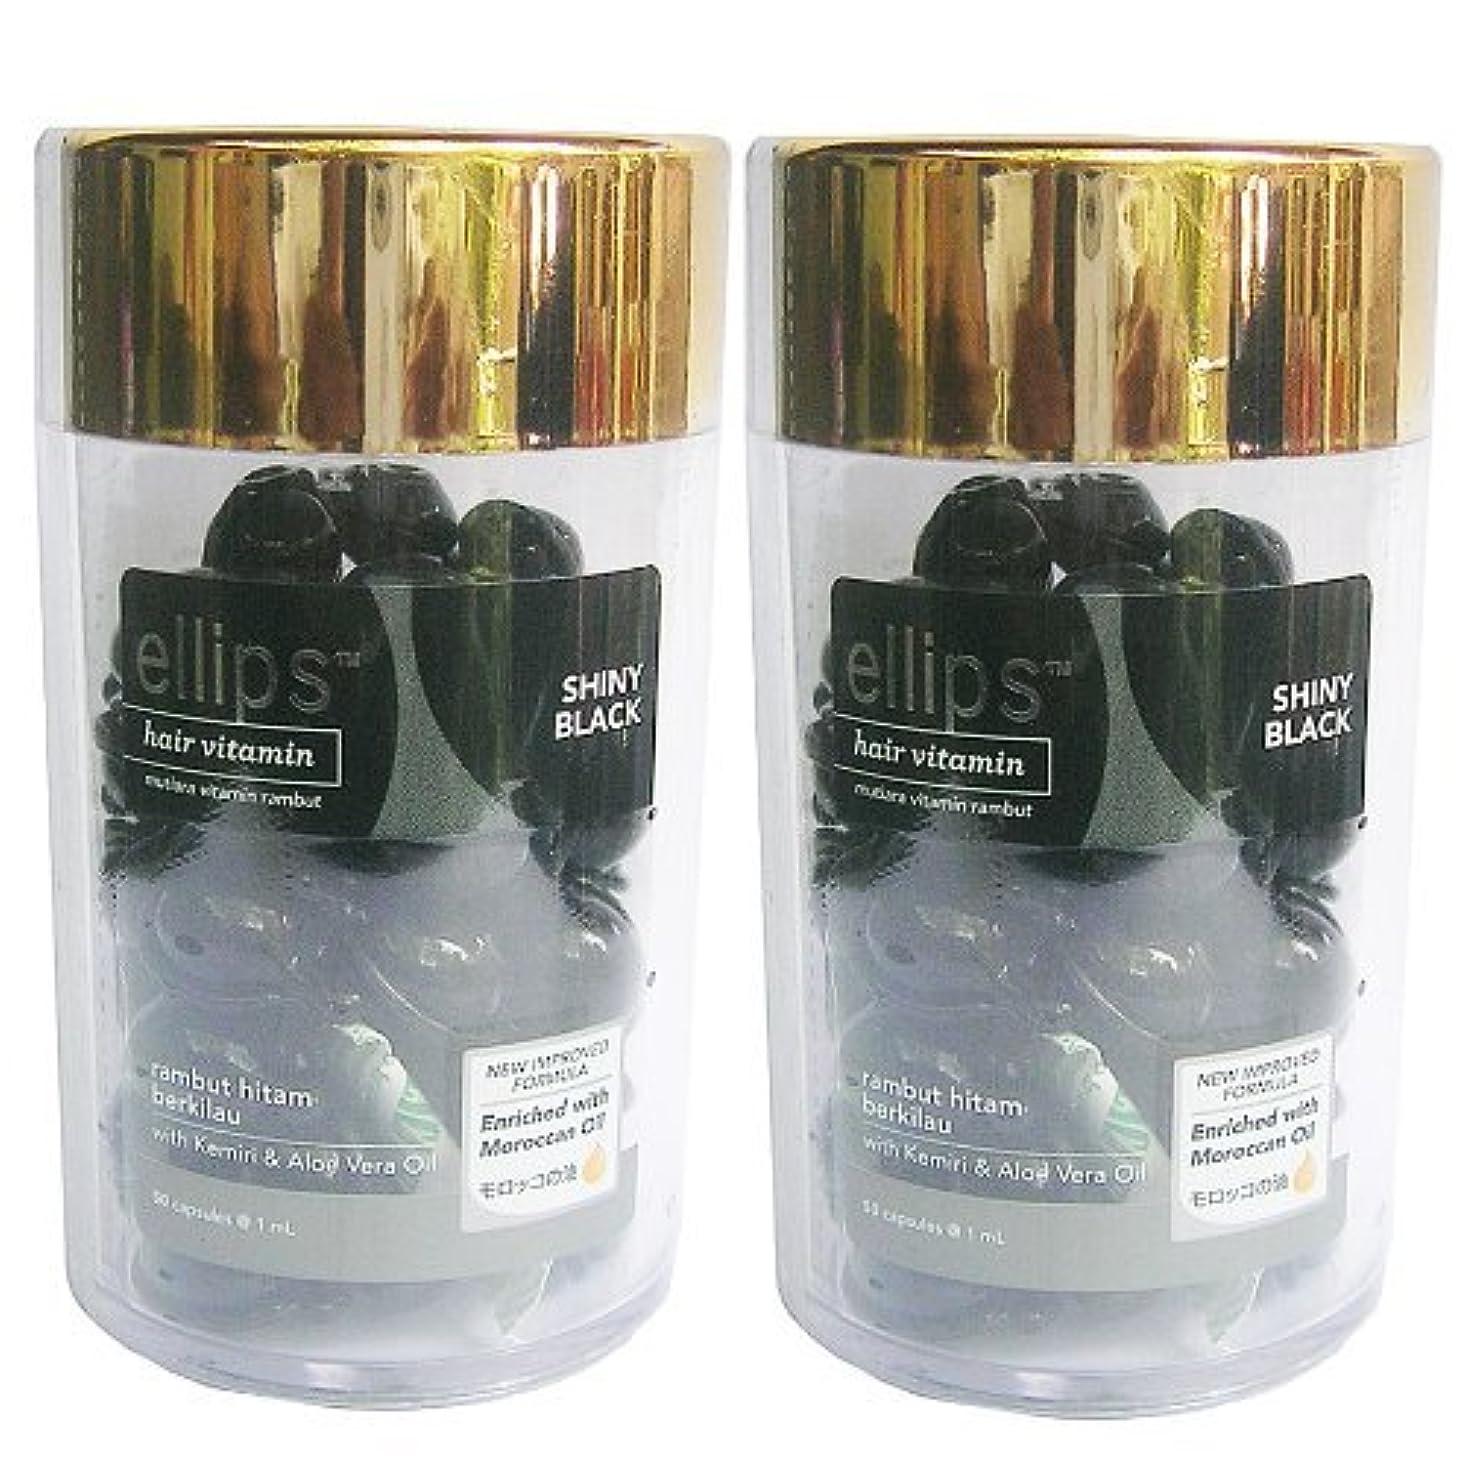 カップマグベックスエリプス(Ellips) ヘアビタミン(50粒入)2個セット ブラック[海外直送品][並行輸入品]